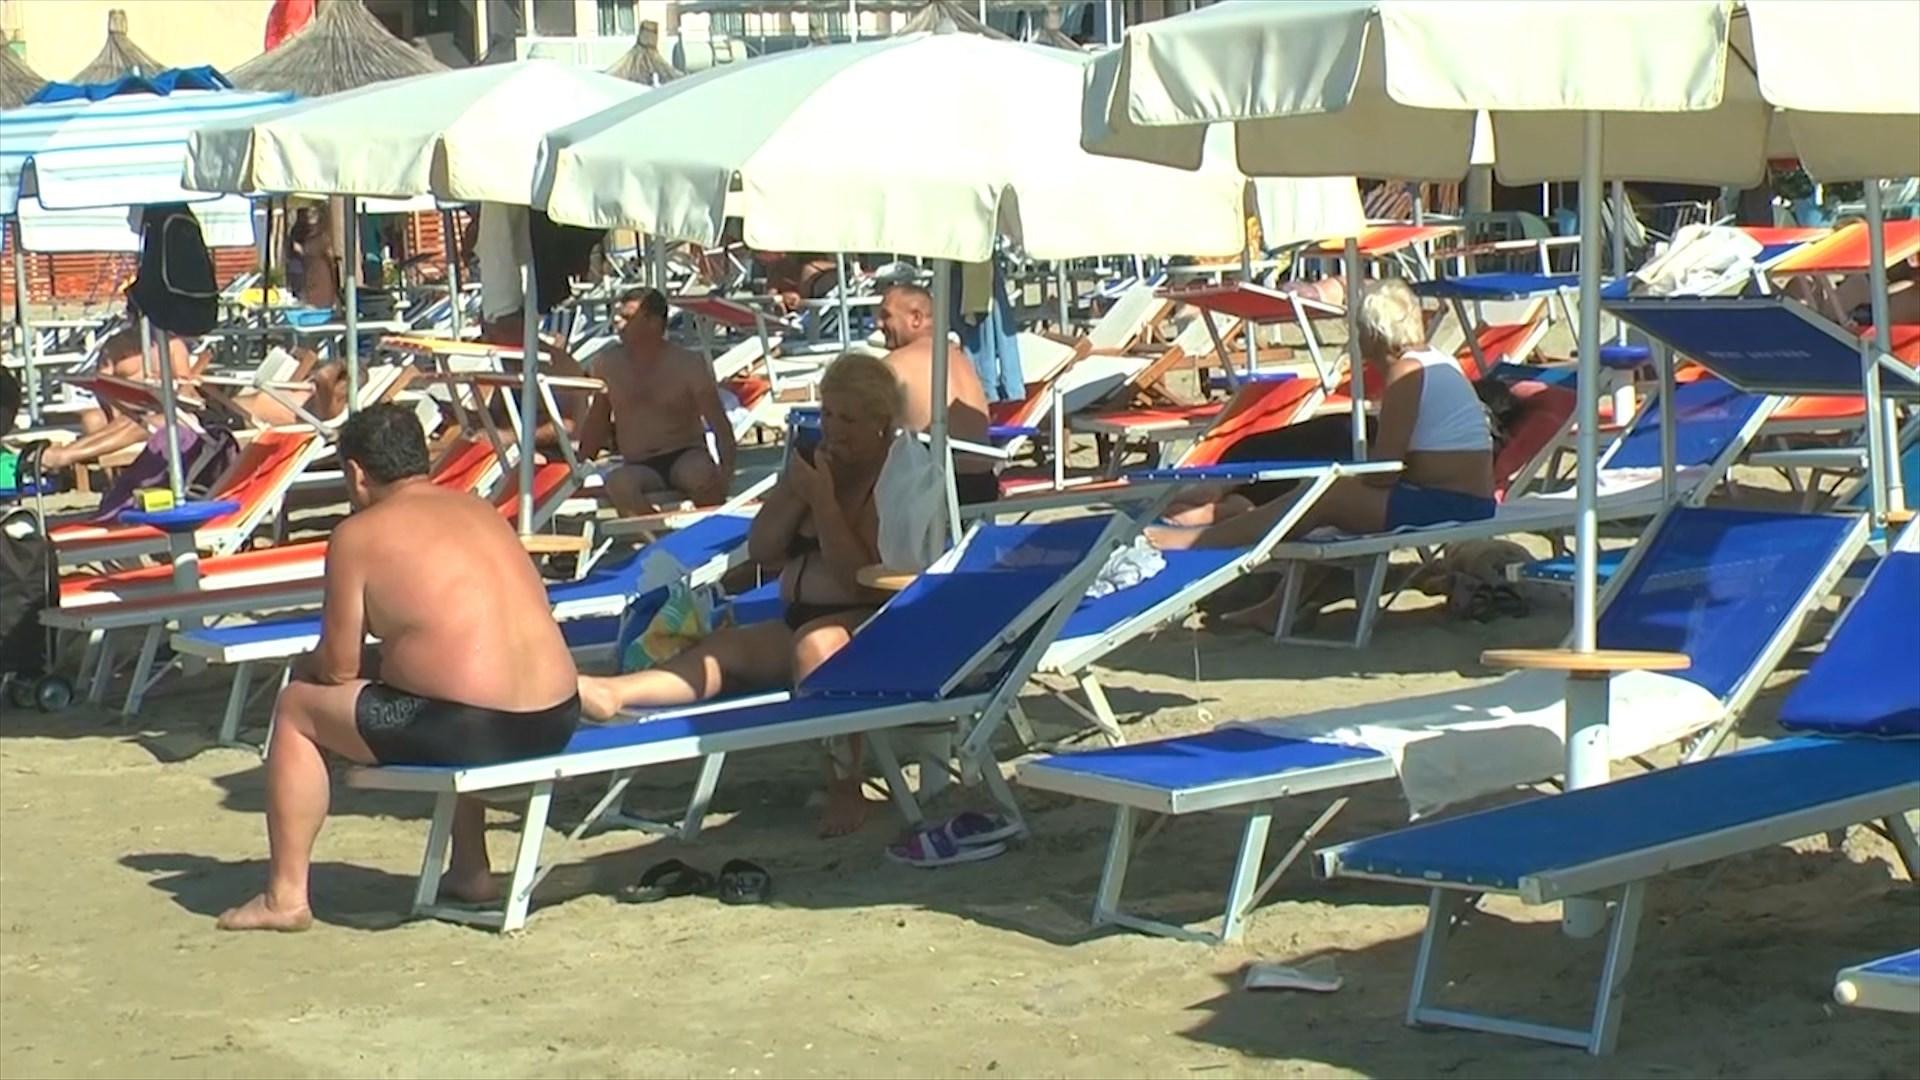 Temperaturat e larta të shtatorit, vijon sezoni turistik në plazhin e Durrësit